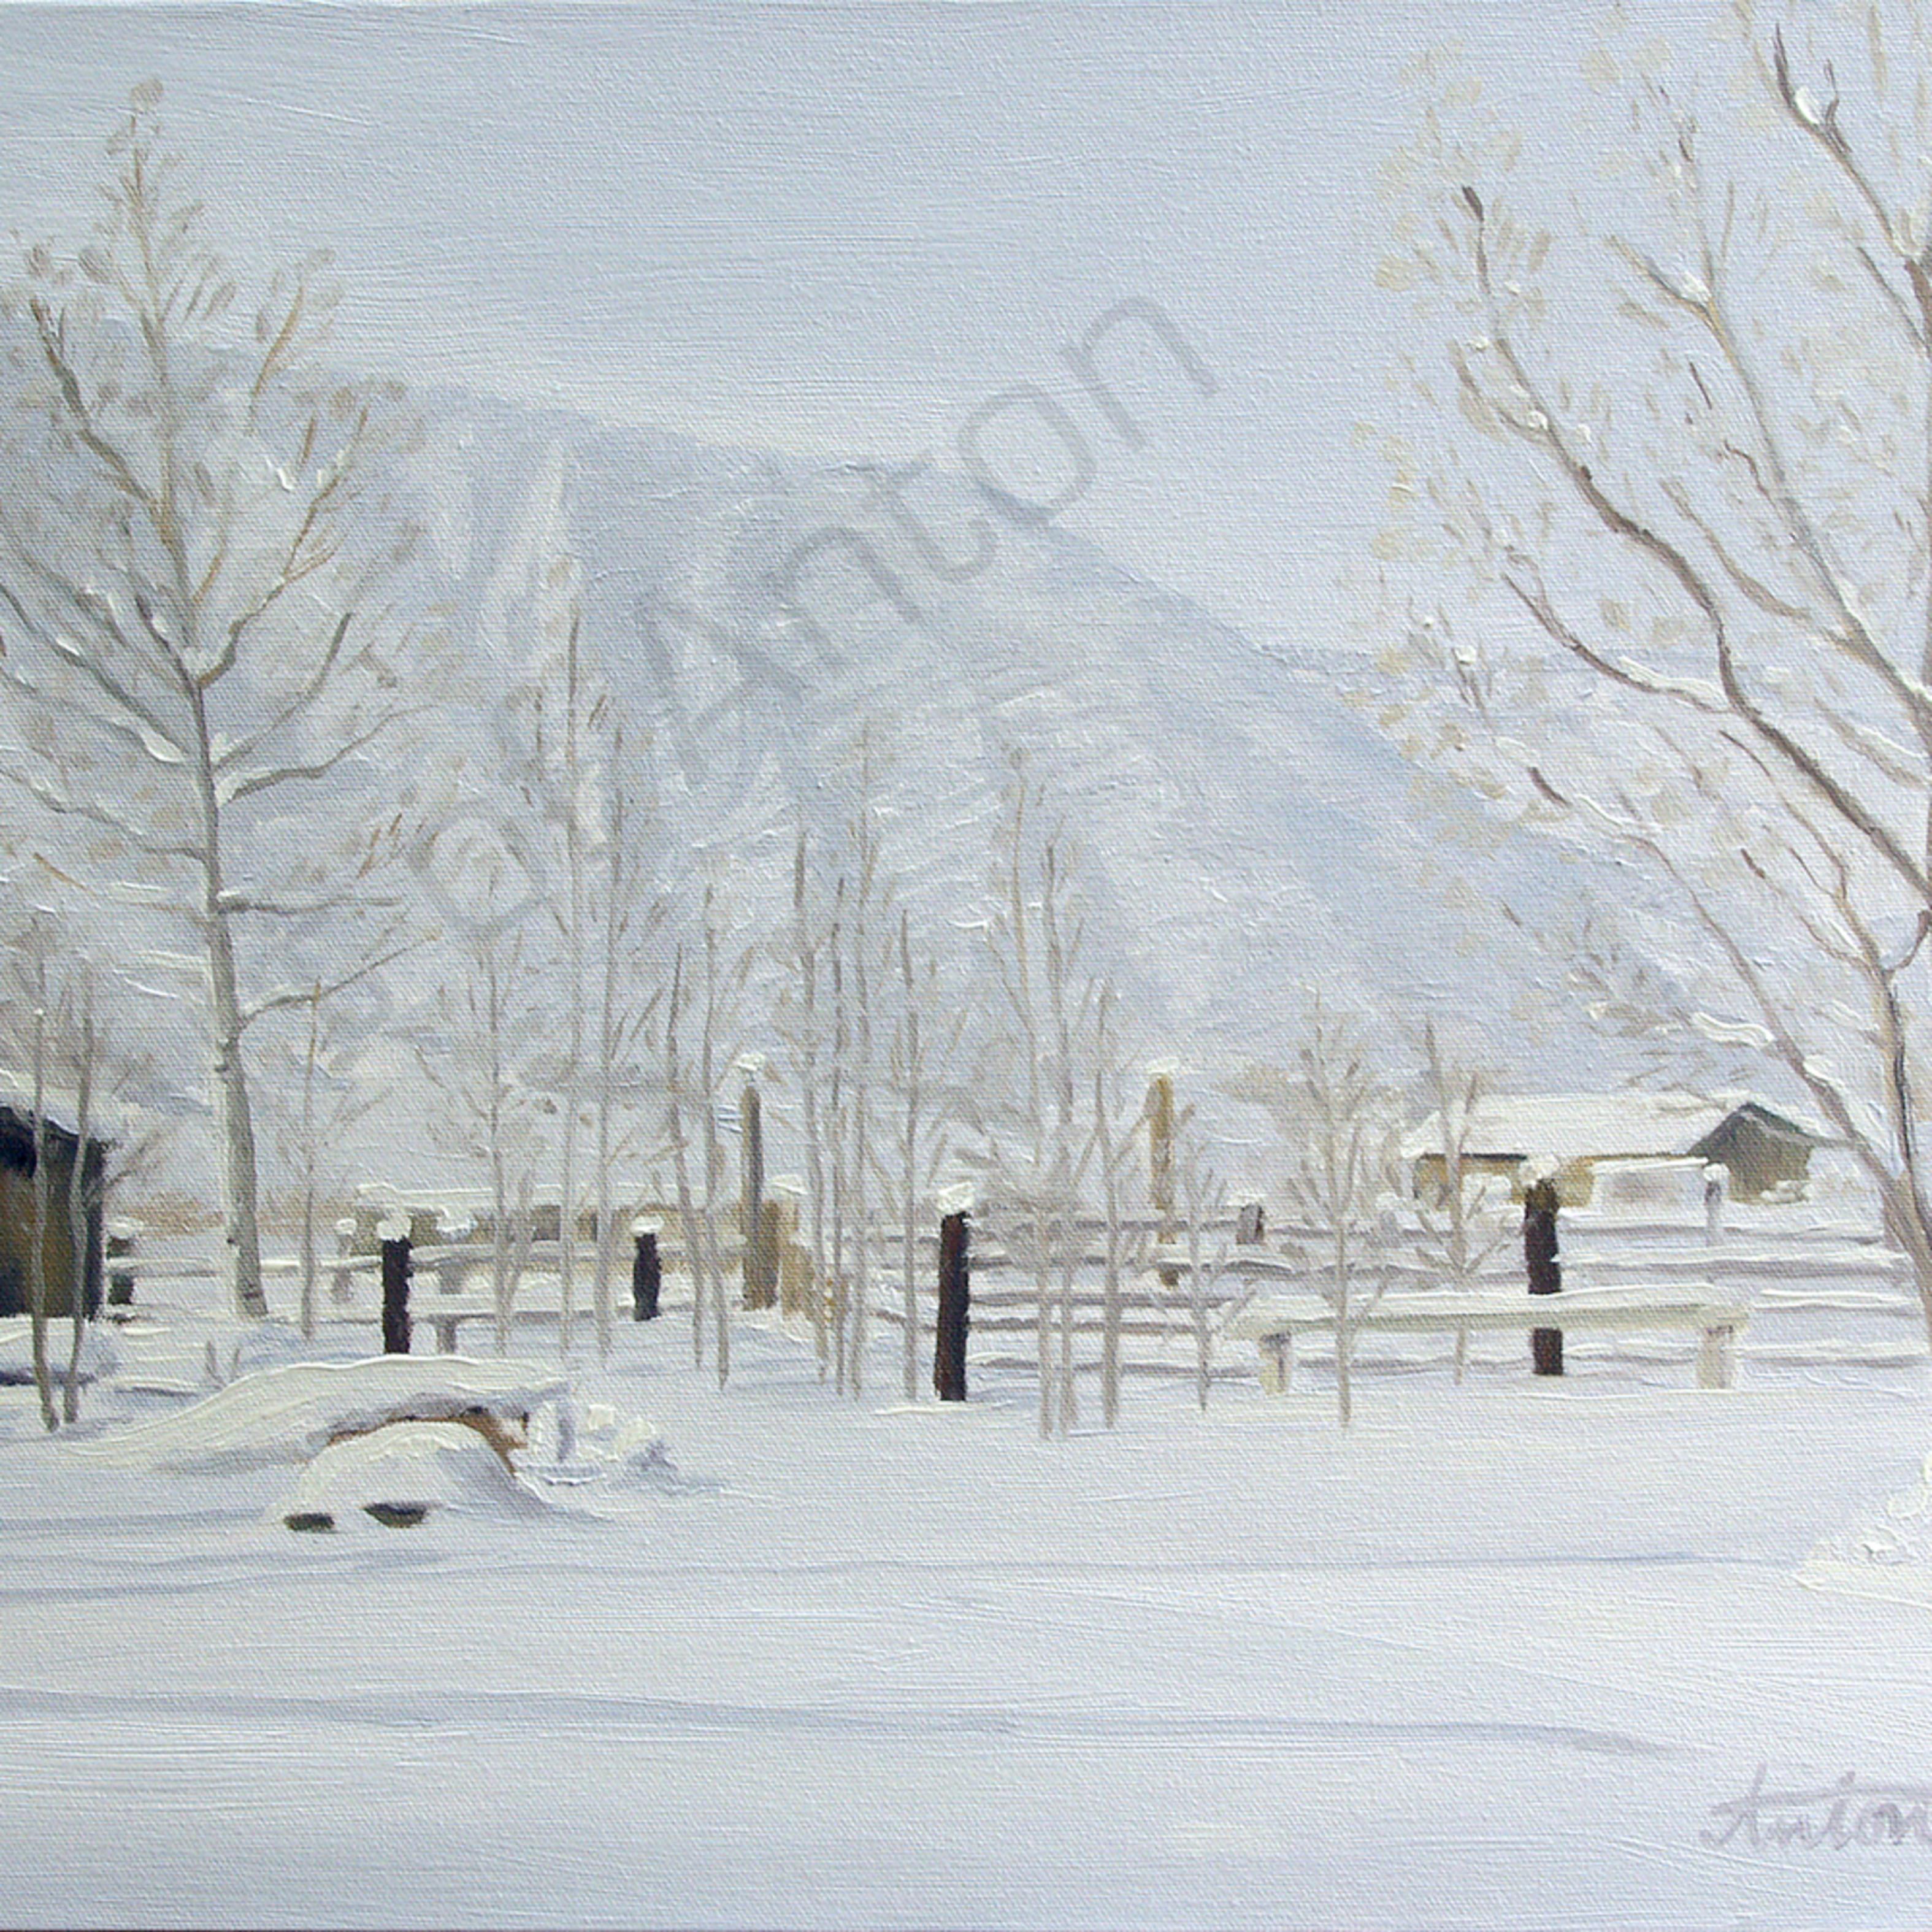 Winteryard dwcplj